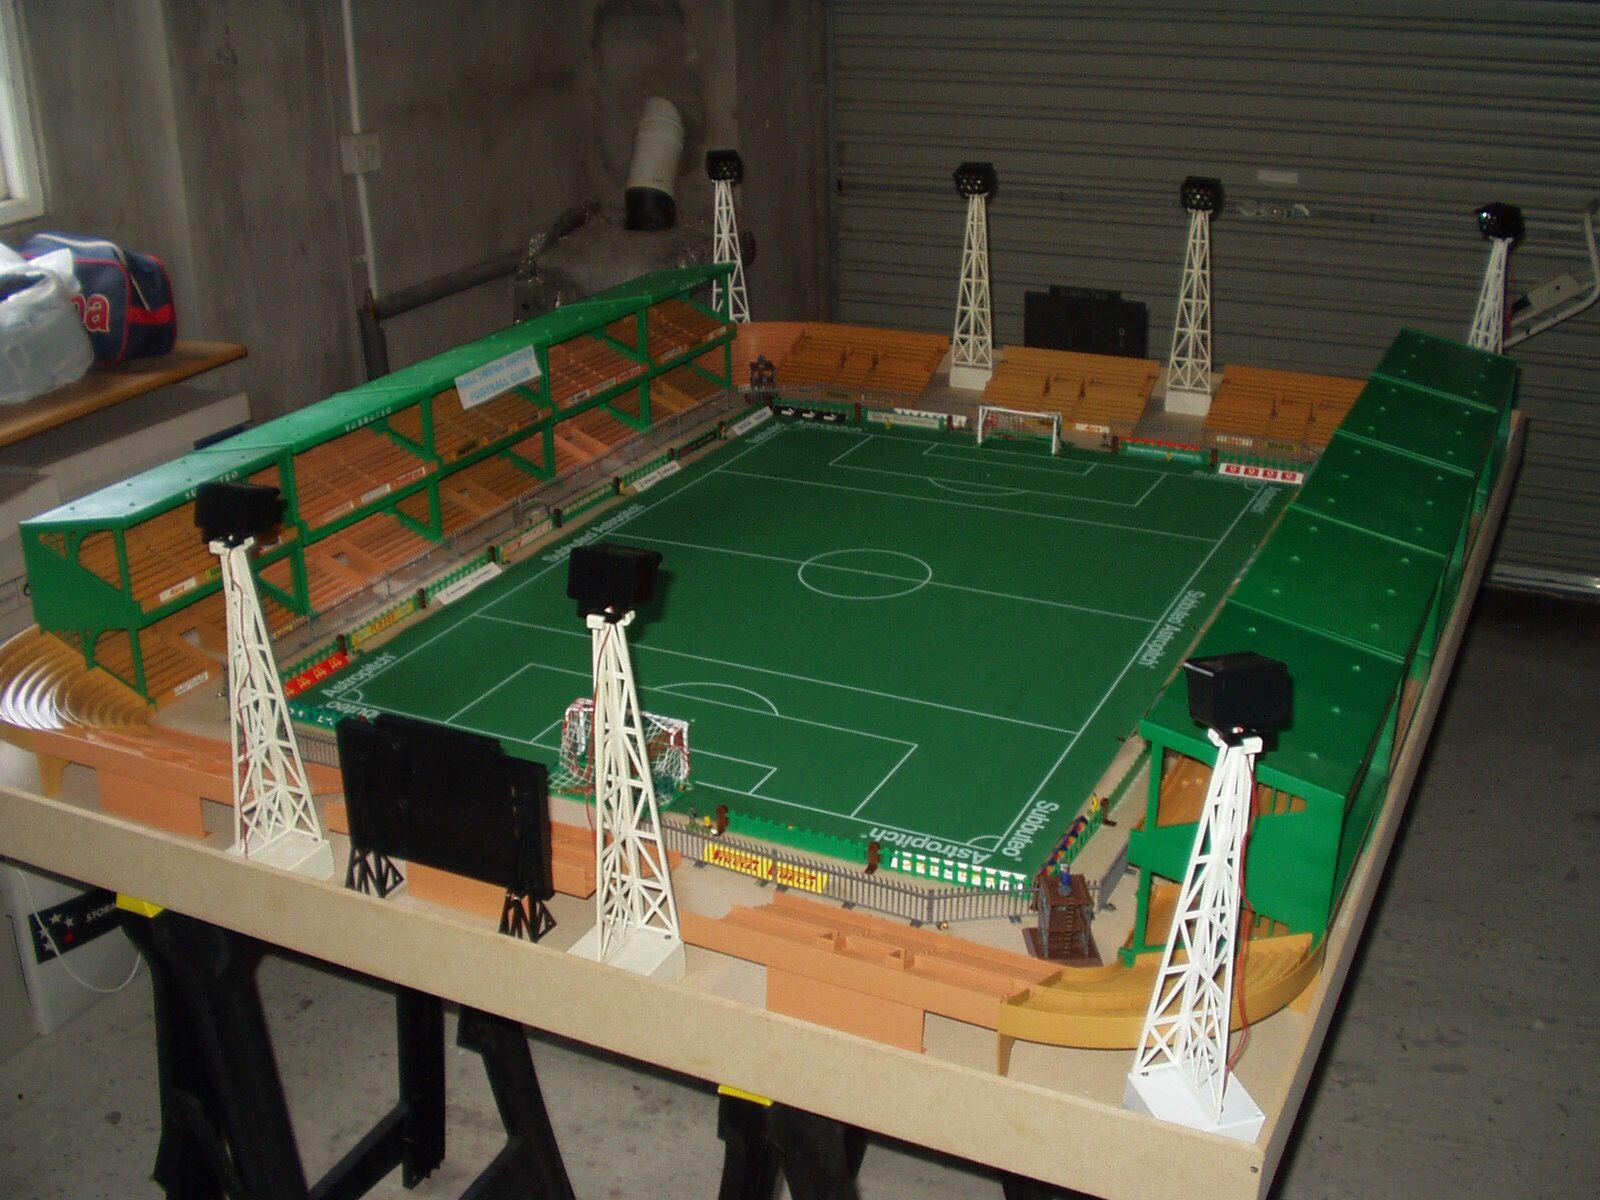 8 Floodlight Subbuteo Stadium Subbuteo Table Soccer